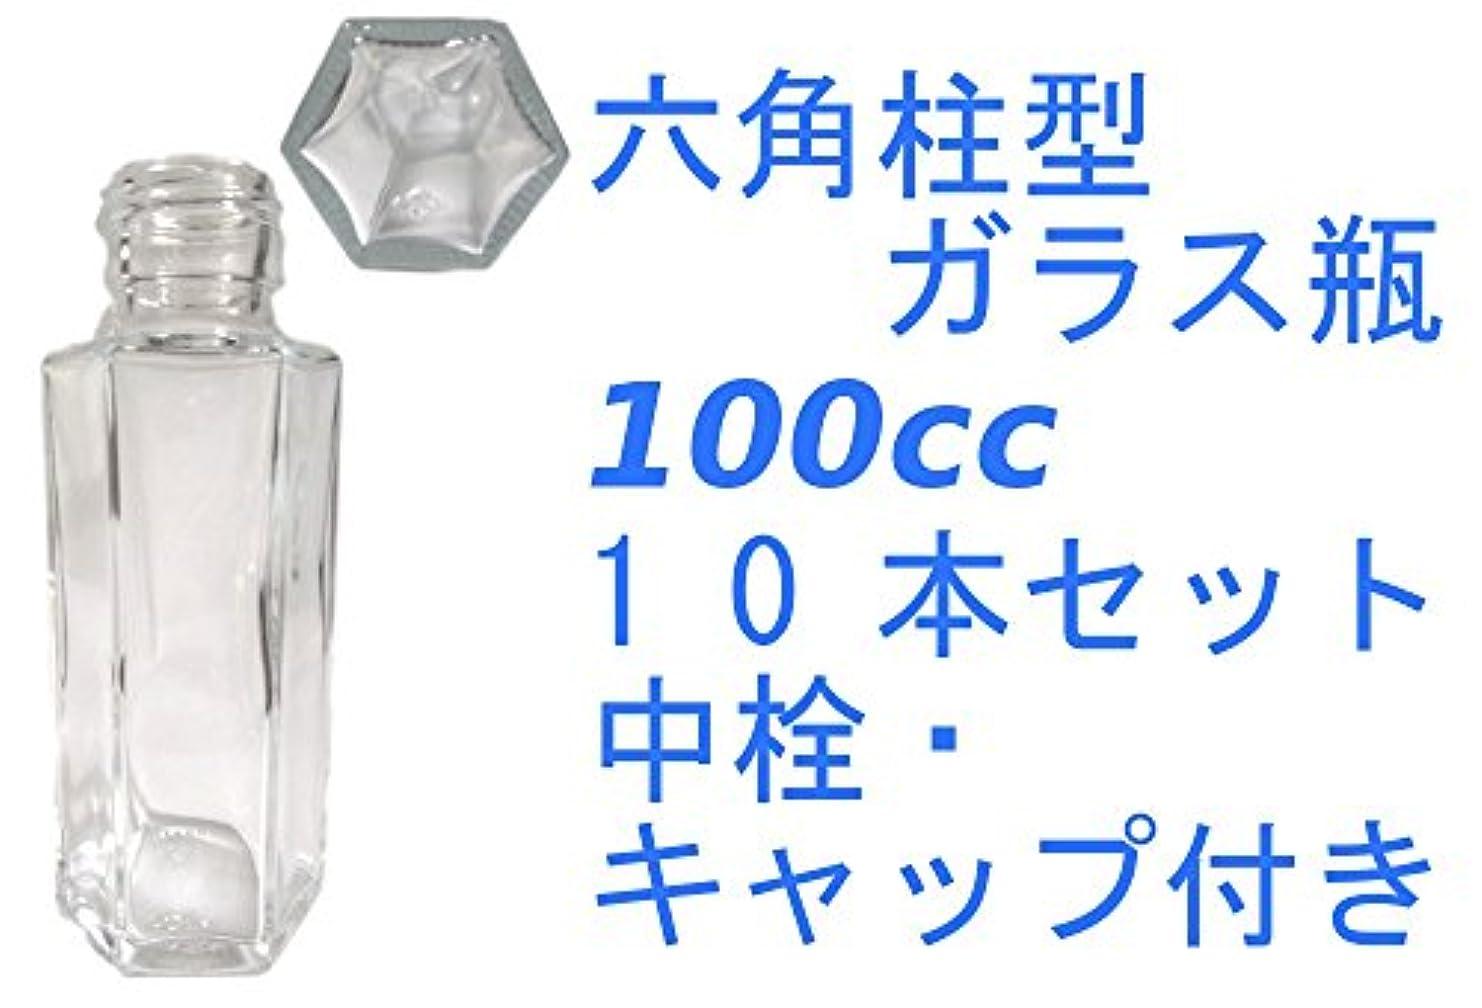 木曜日誘発する加入(ジャストユーズ)JustU's 日本製 ポリ栓 中栓付き六角柱型ガラス瓶 10本セット 100cc 100ml アロマディフューザー ハーバリウム 調味料 オイル タレ ドレッシング瓶 B10-SSF100A-S